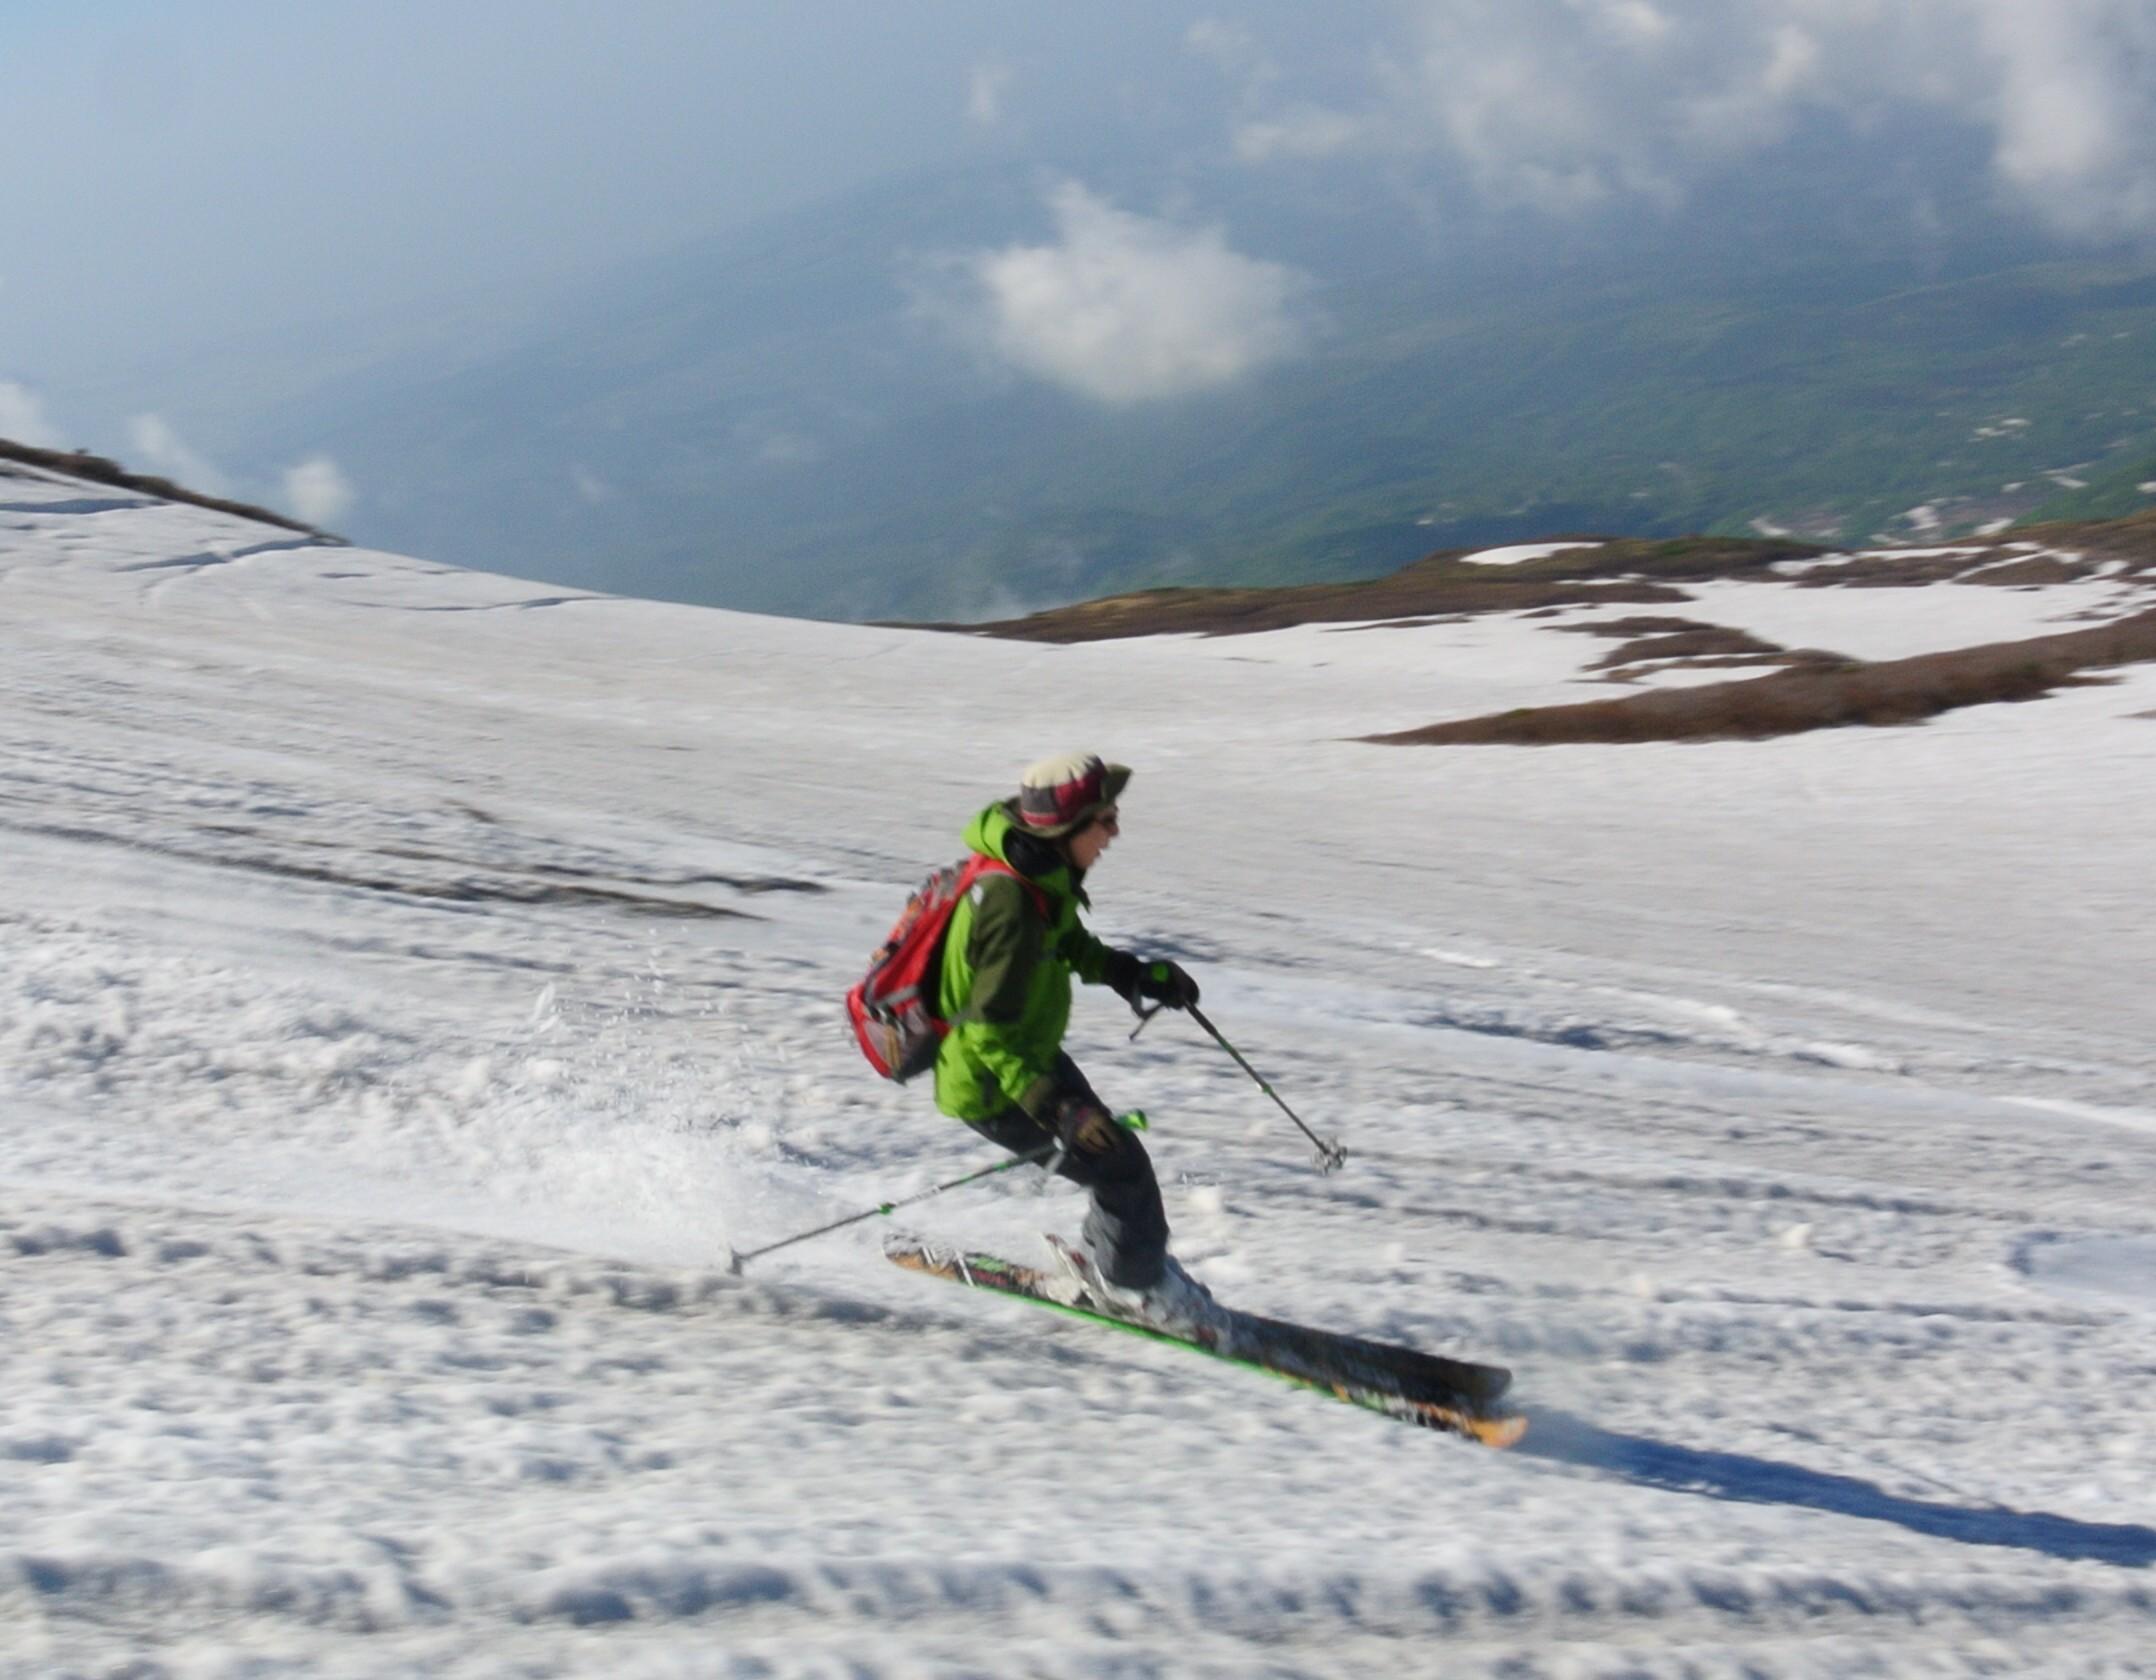 2013年5月31日残雪豊富な鳥海山祓川口コースで春スキーを楽しむ_c0242406_14381287.jpg